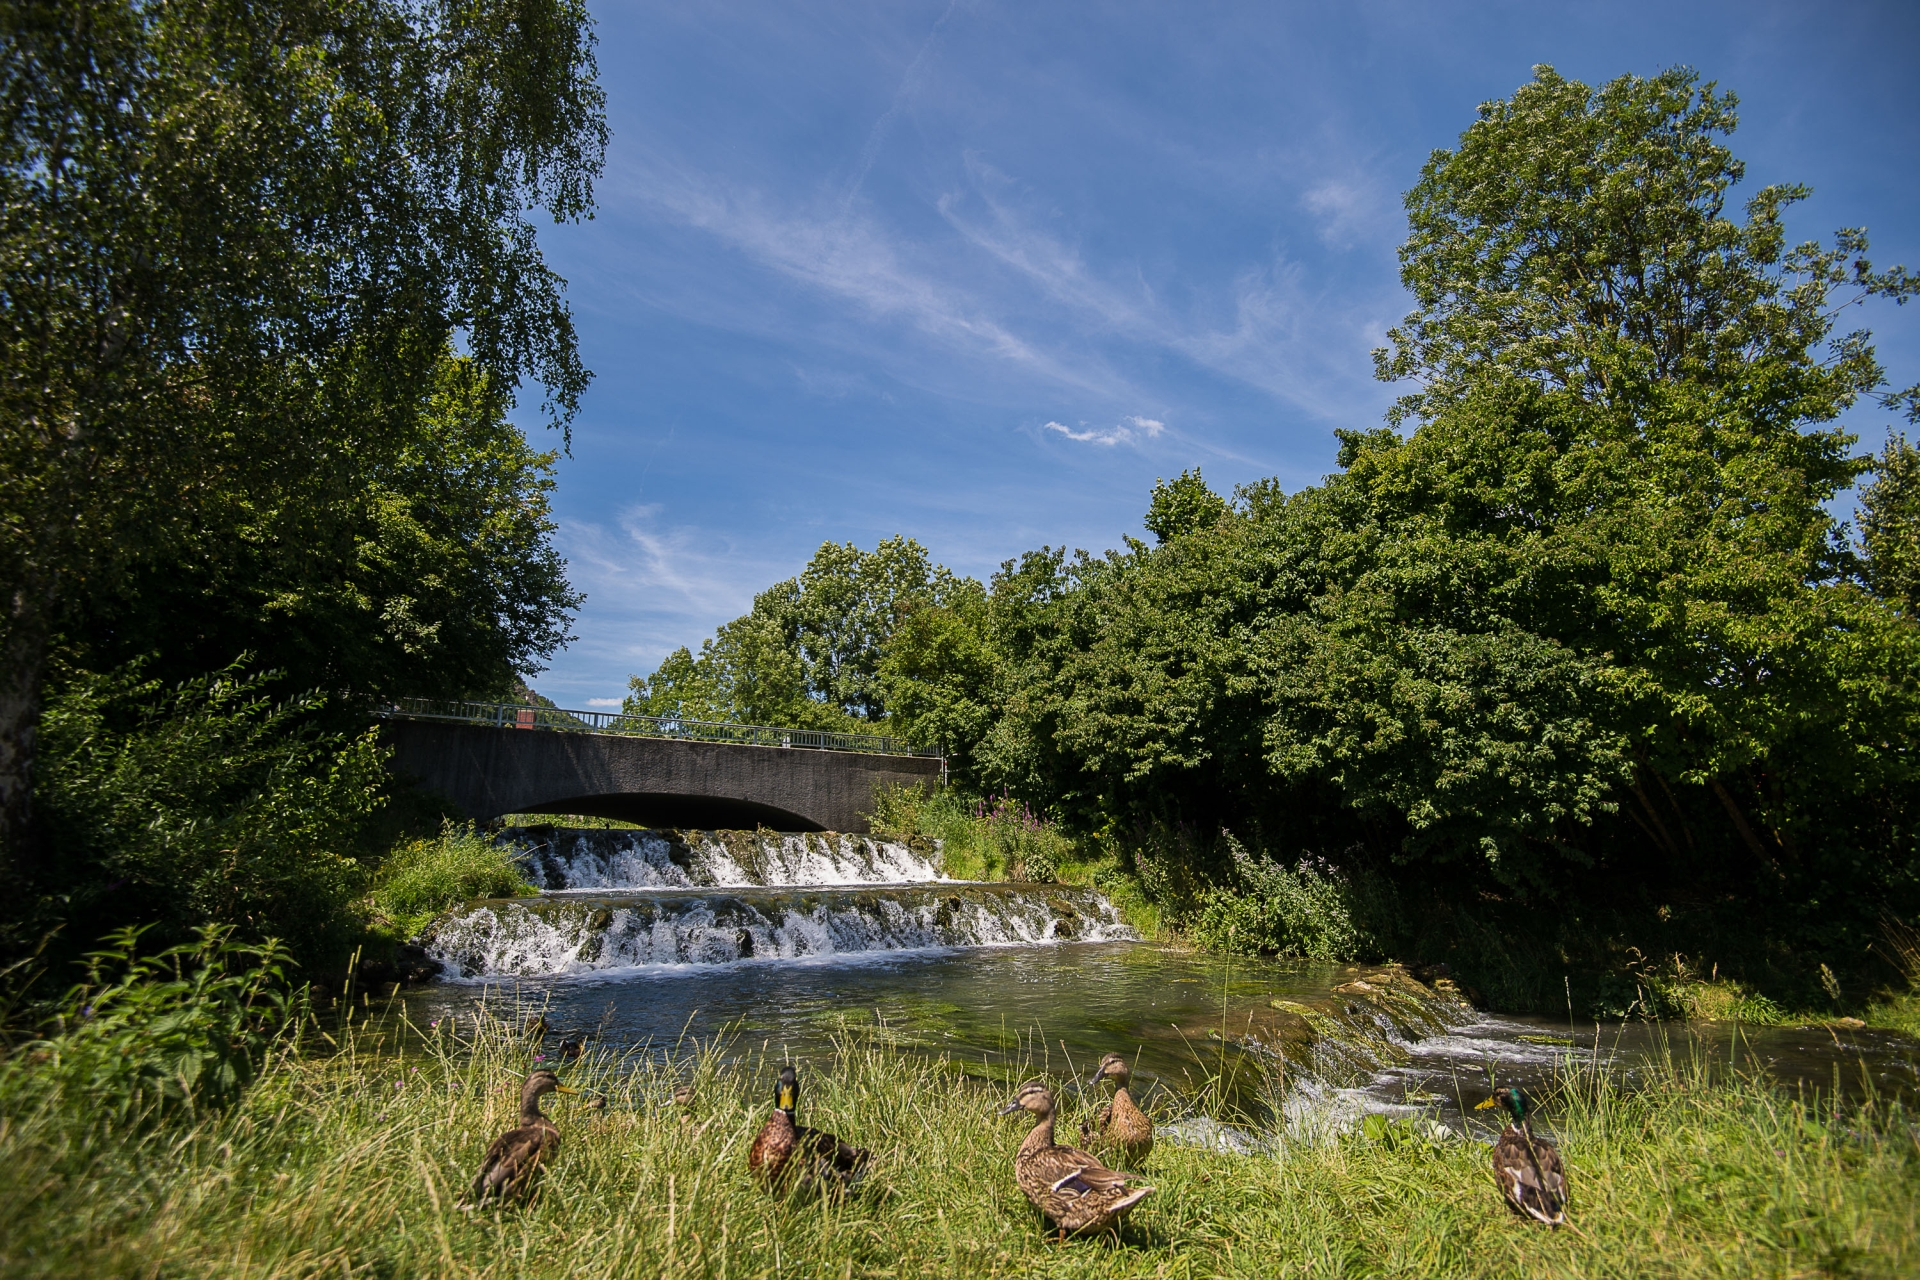 Am idyllischen Stadtweiher in Riedenburg im Altmühltal